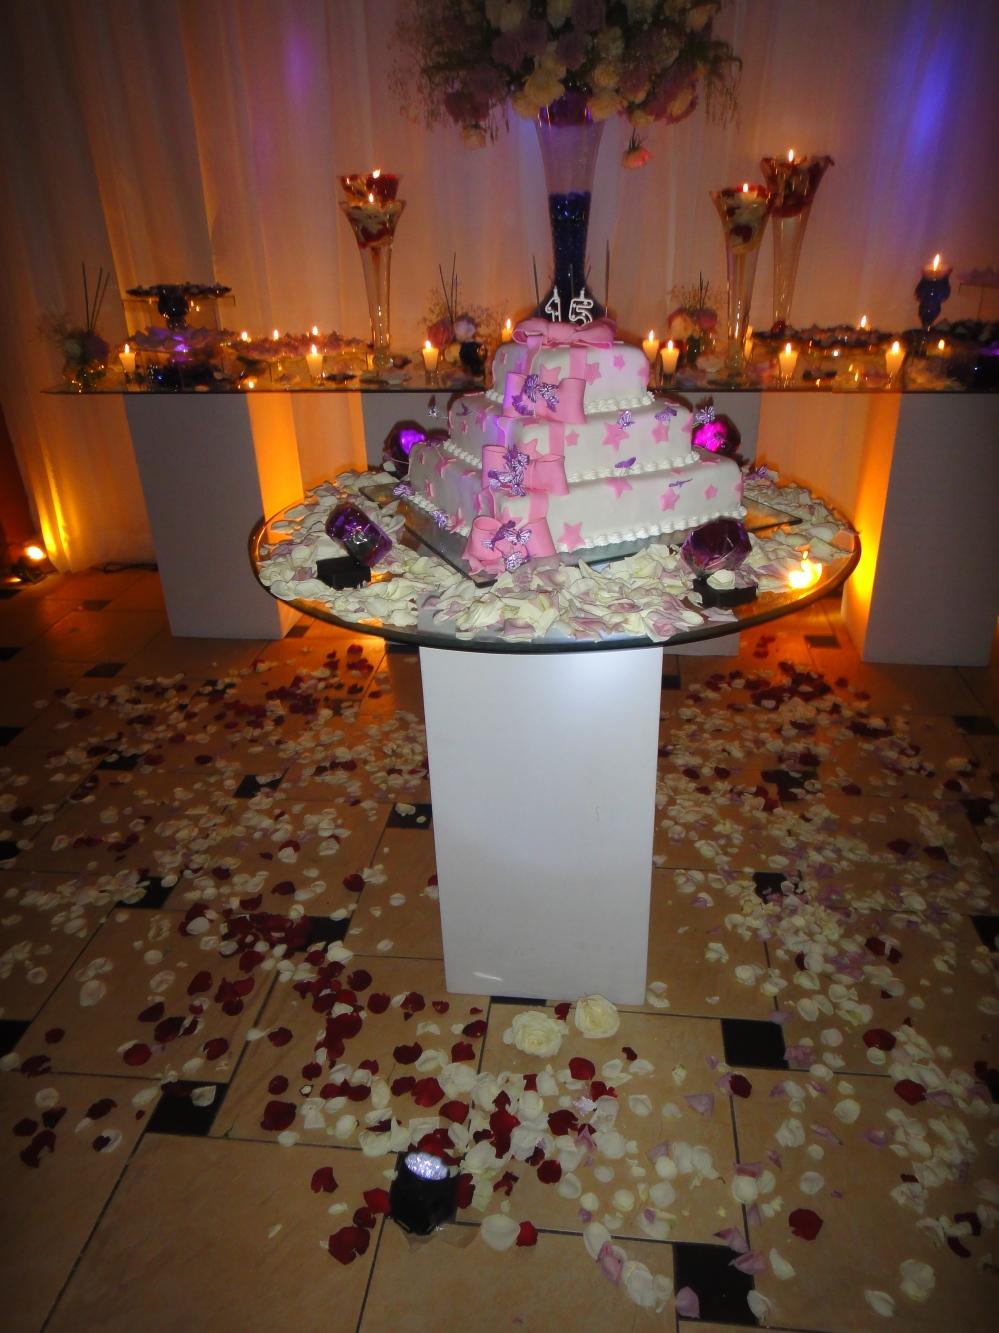 Mesa do bolo. Pétalas jogadas no chão. O efeito ficou bem bonito.